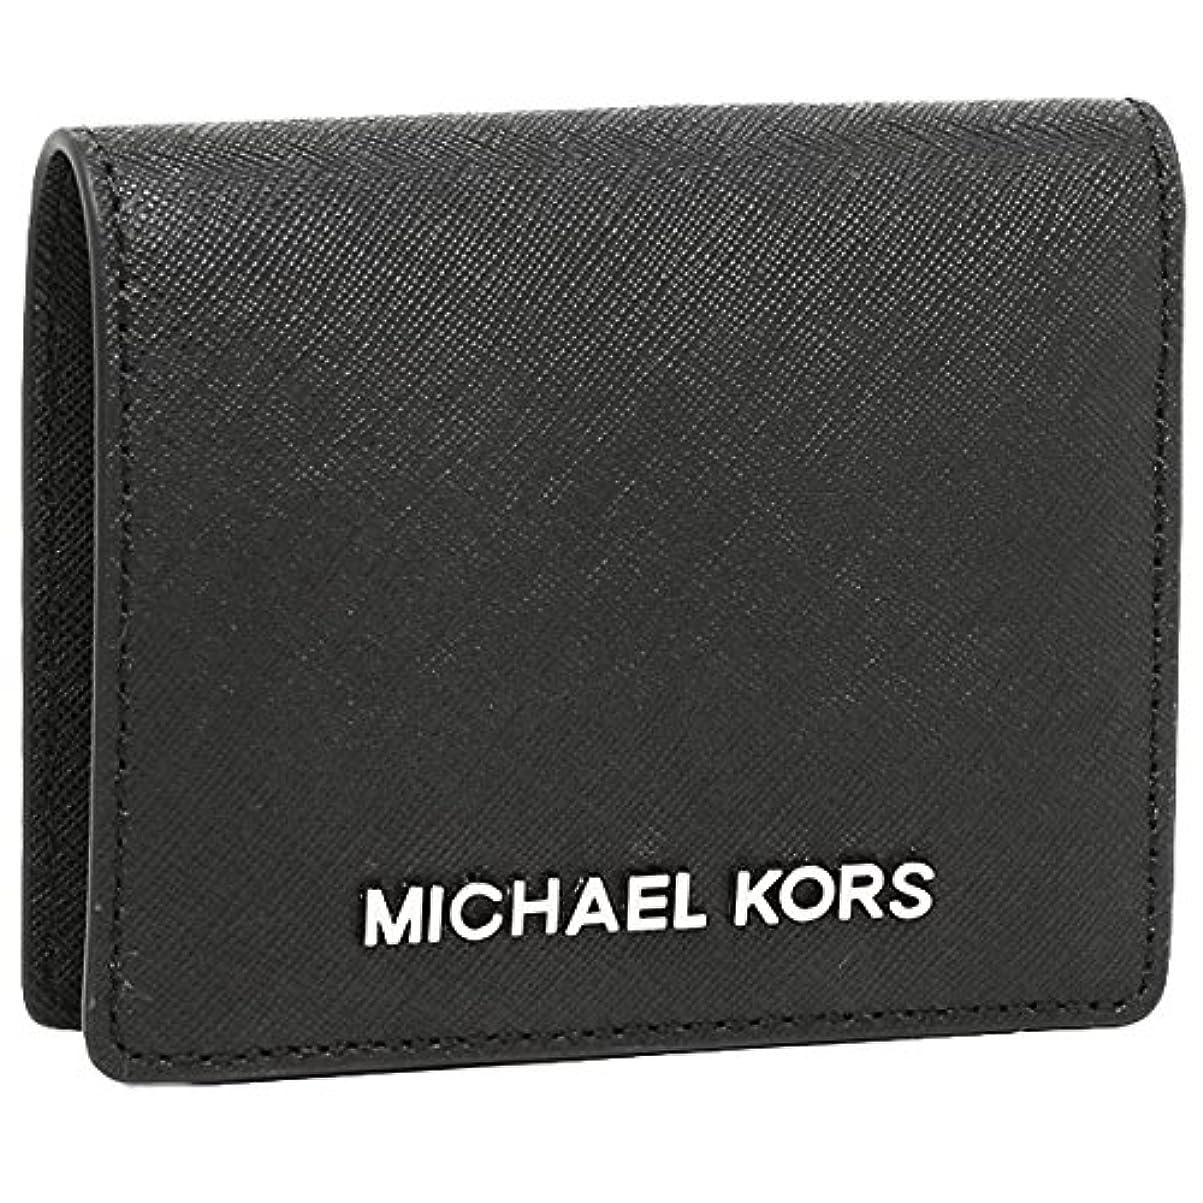 ブラインドマークされたサミュエル(マイケルコース) MICHAEL KORS カードケース 32T4STVF2L 001 JET SET TRAVEL FLAP CARD HOLDER 定期入れ BLACK [並行輸入品]